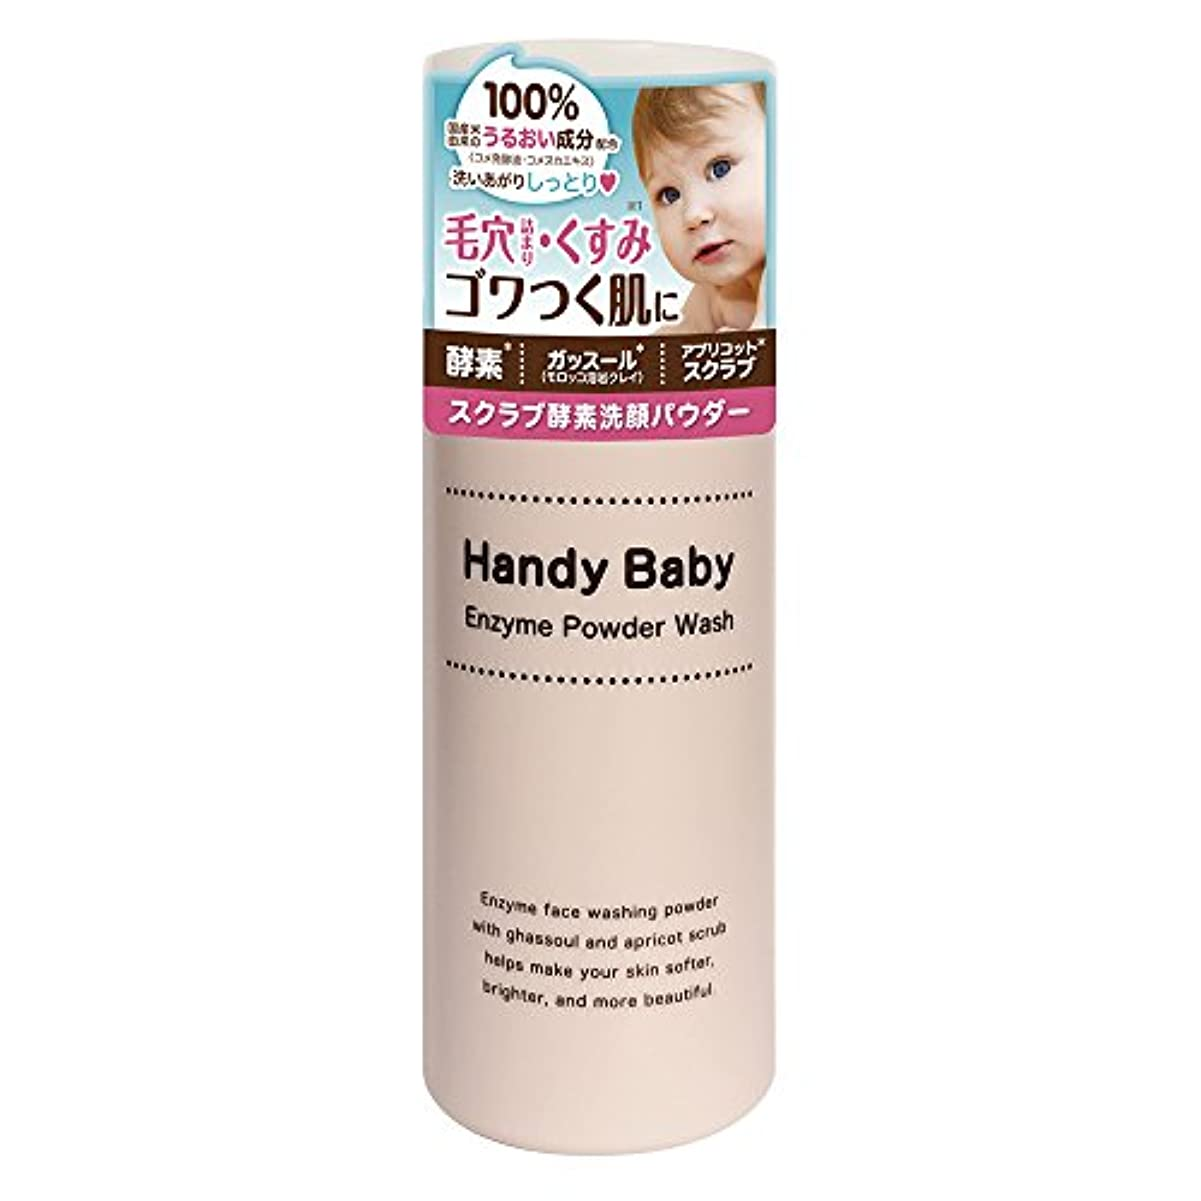 援助する乳剤汚染ハンディベイビー スクラブ酵素洗顔パウダー (50g)